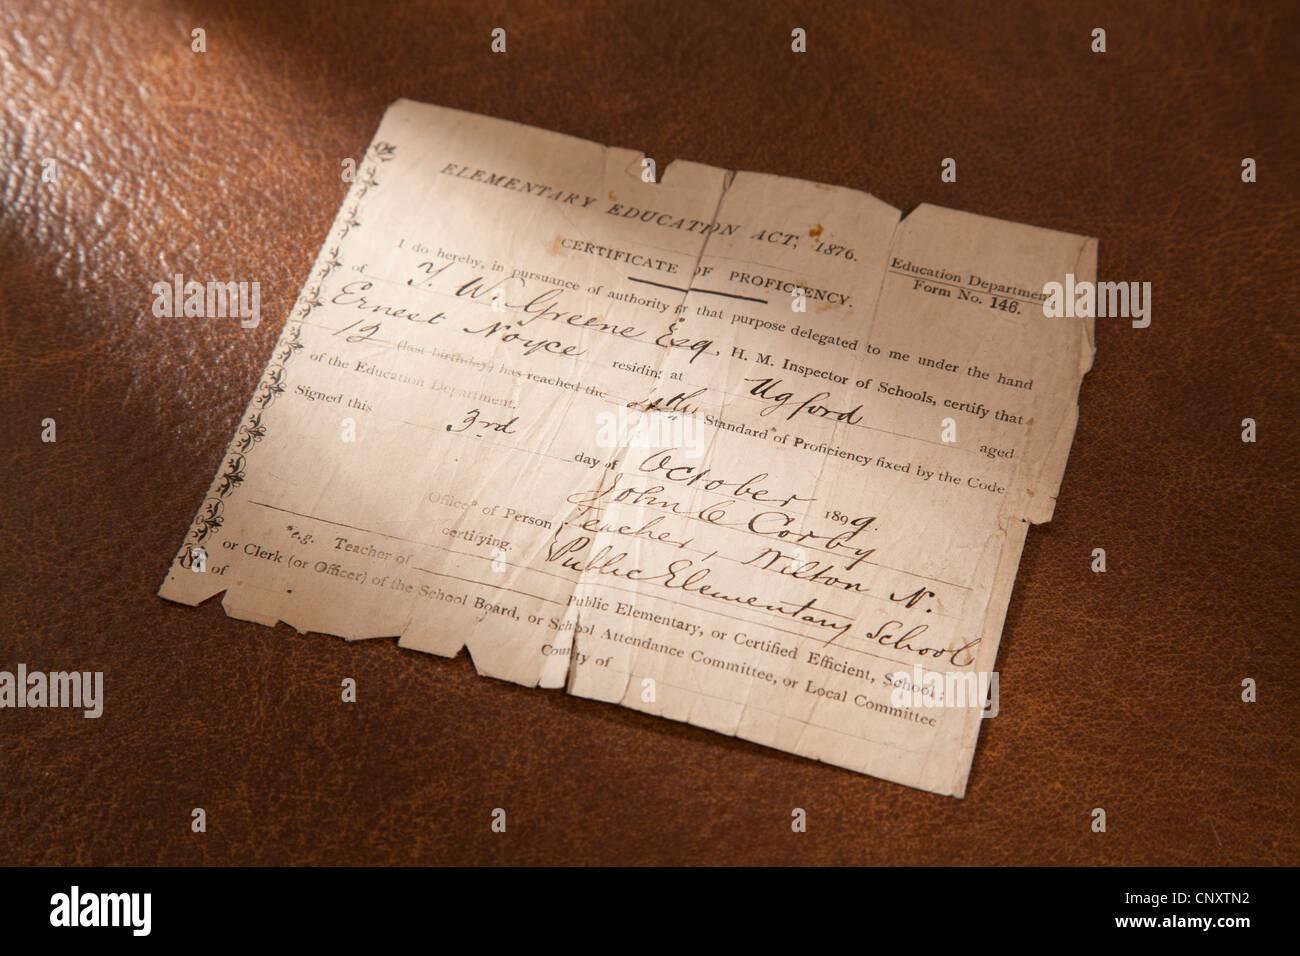 Certificat de compétence d'enseignement de 1876 pour un enfant de 12 ans en date du mois d'octobre Photo Stock